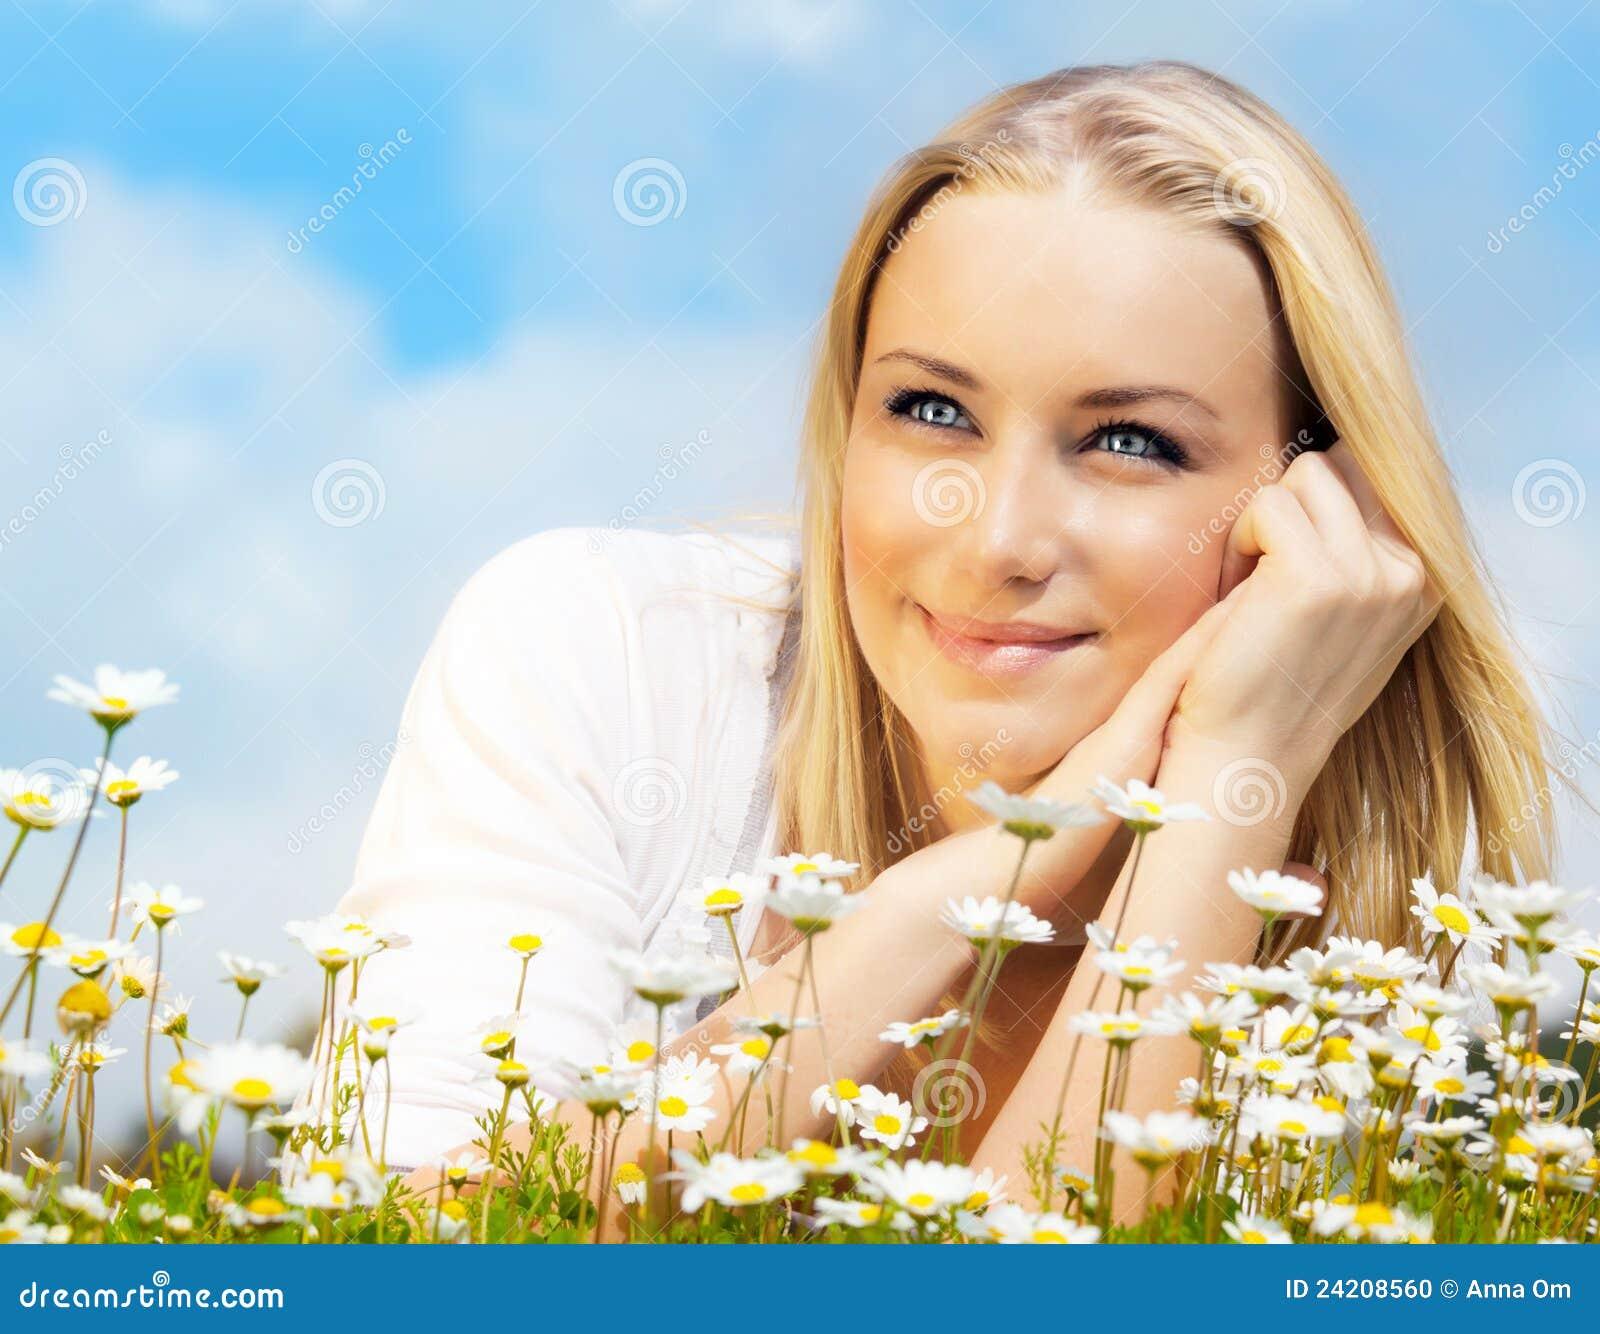 Happy Beautiful Woman Enjoying At Beach Stock Photo: Beautiful Woman Enjoying Daisy Field And Blue Sky Stock